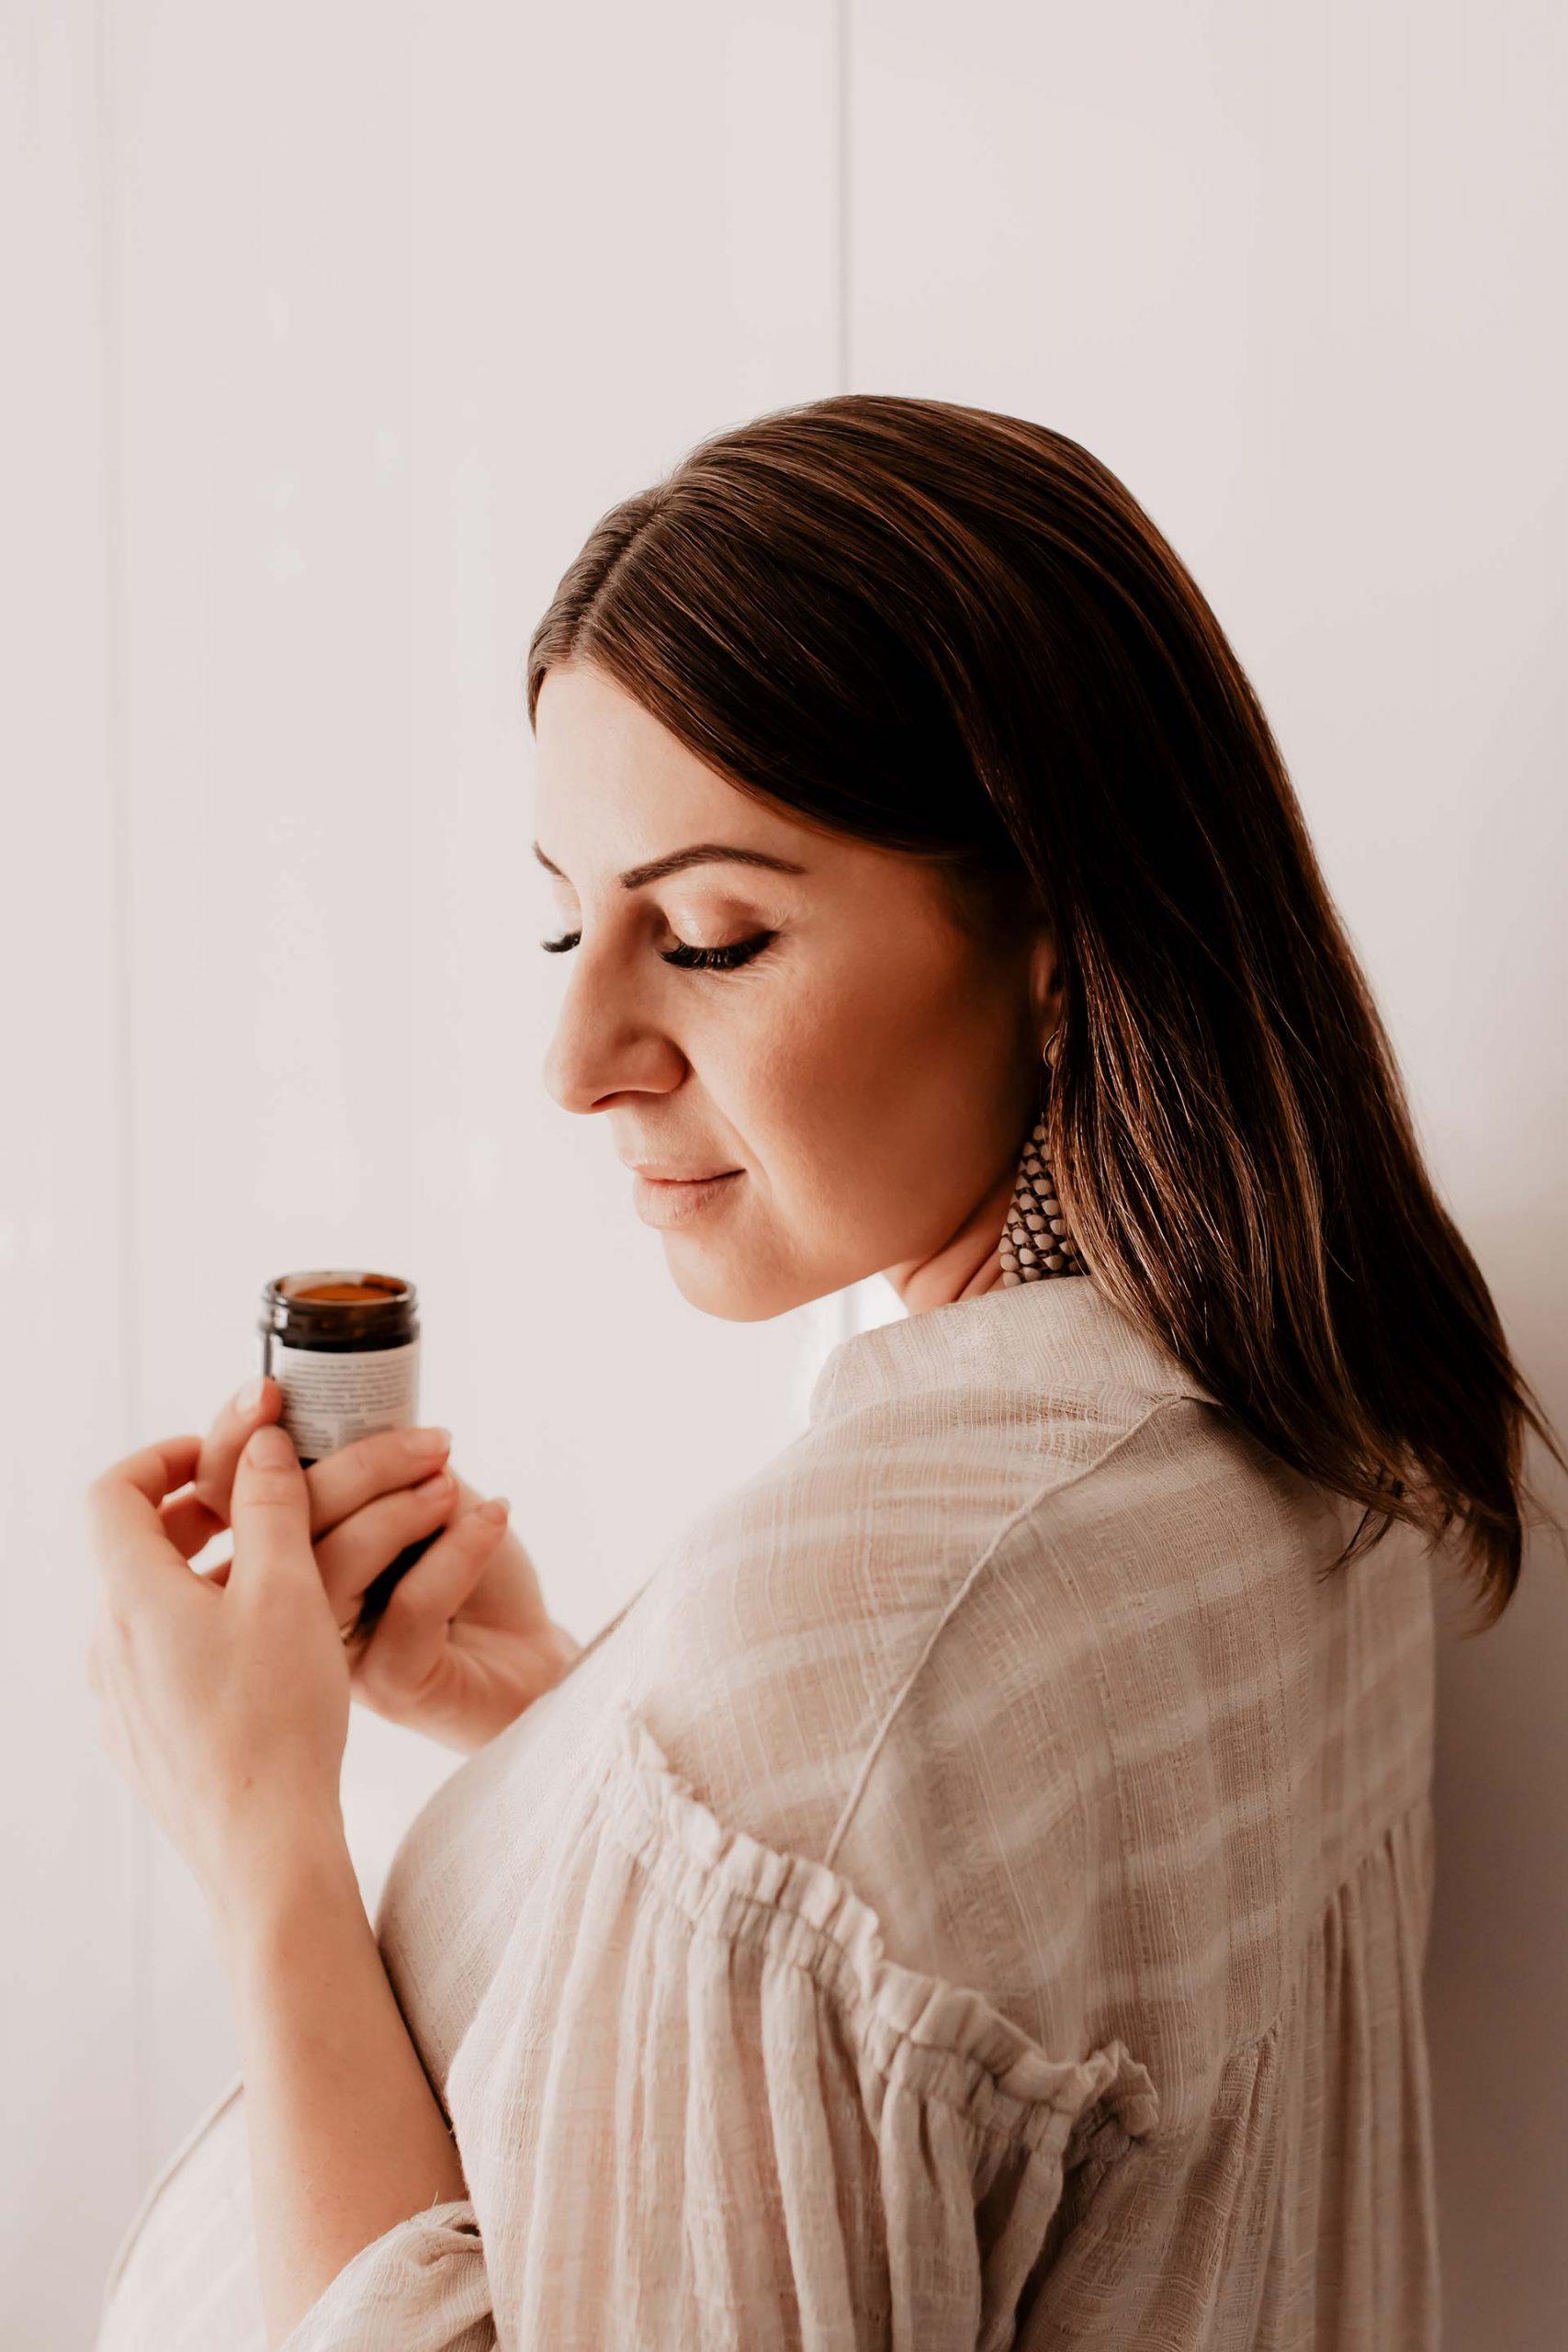 Am Beautyblog verrate ich dir meine liebste Naturkosmetik für den Herbst und gebe dir Tipps, wie du deiner Haut die kühle Herbstzeit so angenehm wie möglich machen kannst! www.whoismocca.com